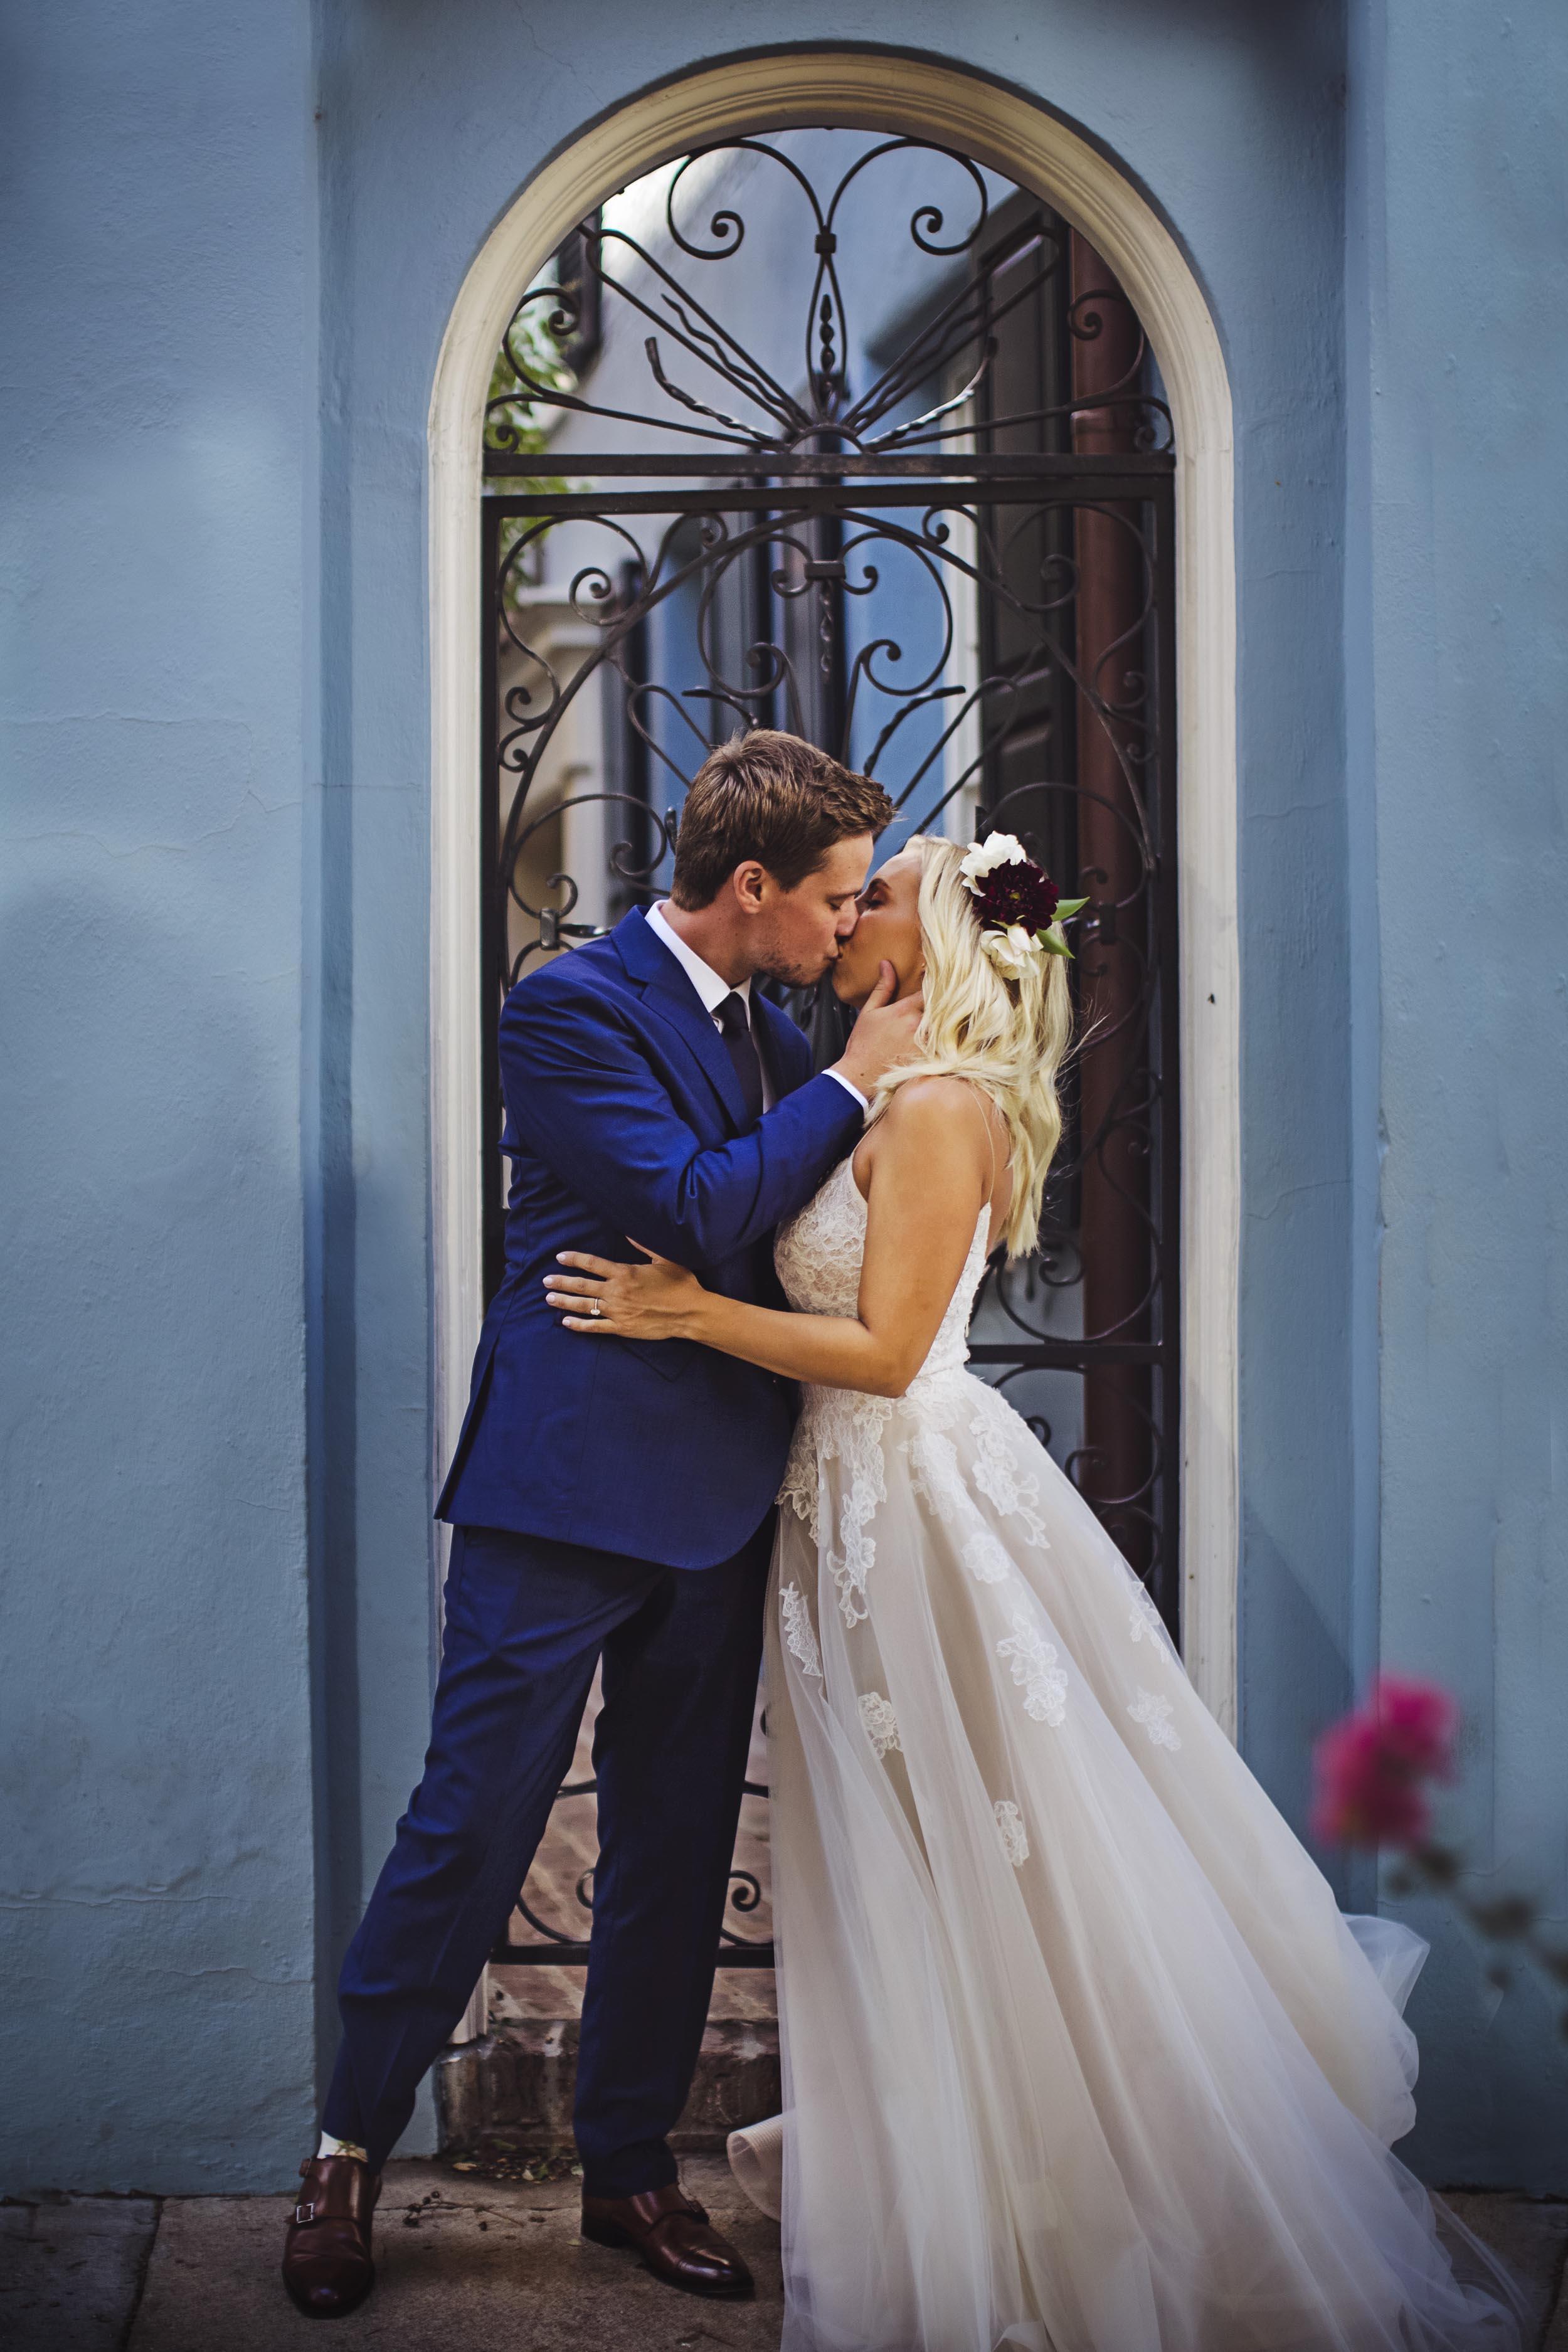 weddings-charleston10.jpg